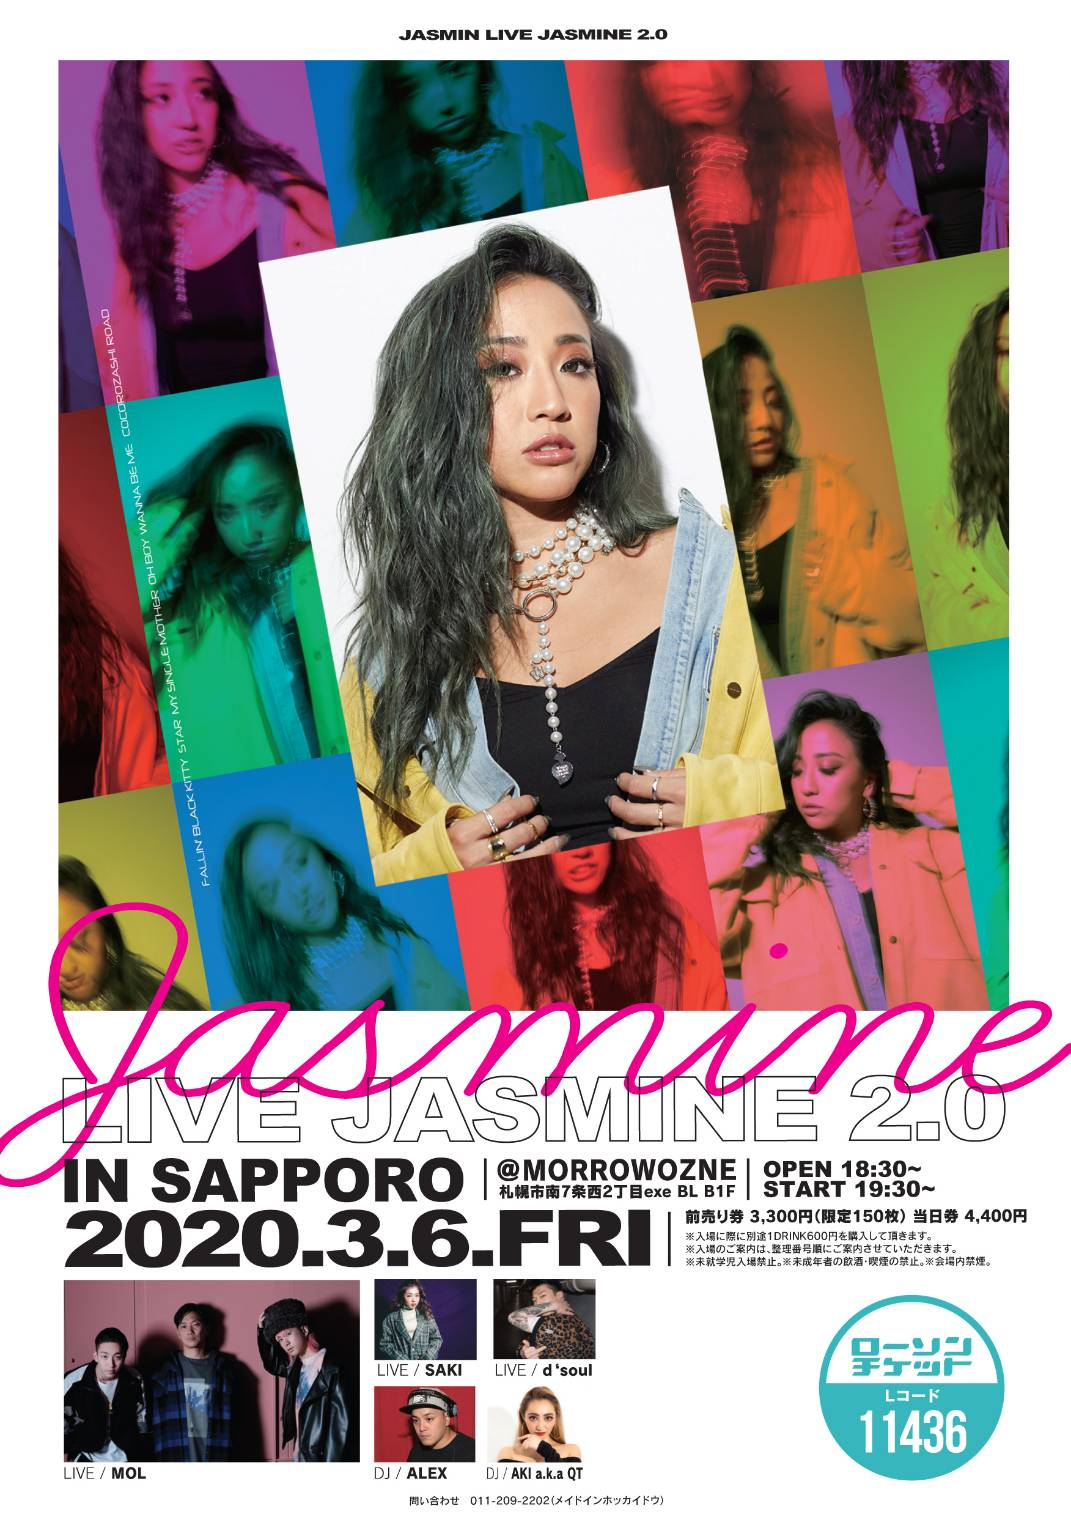 札幌 LIVE JASMINE 2.0